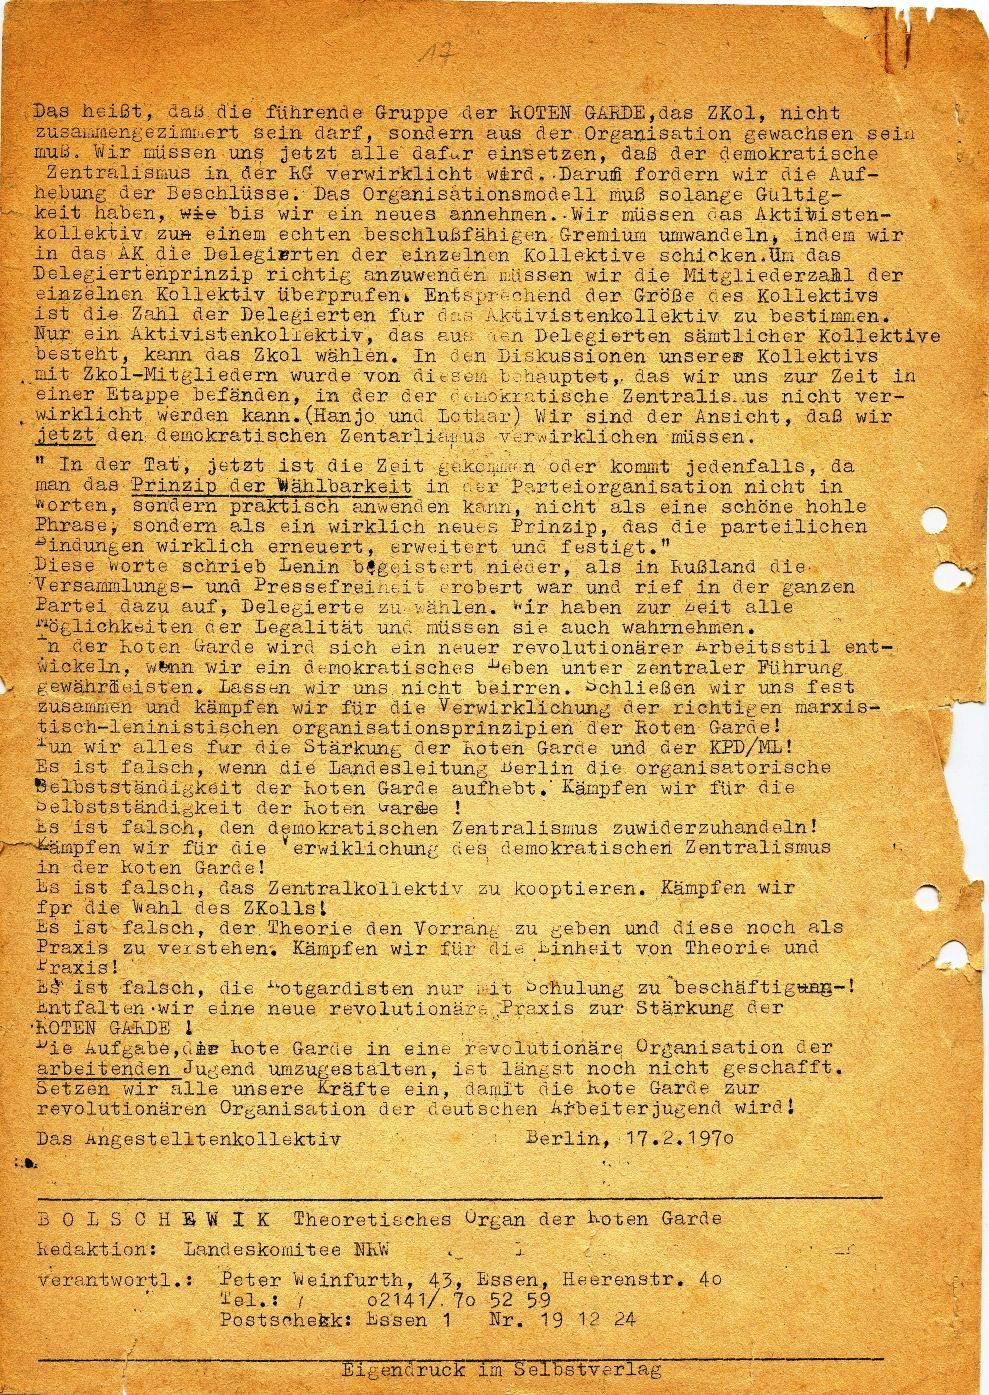 RG_Bolschewik_1970_00_017